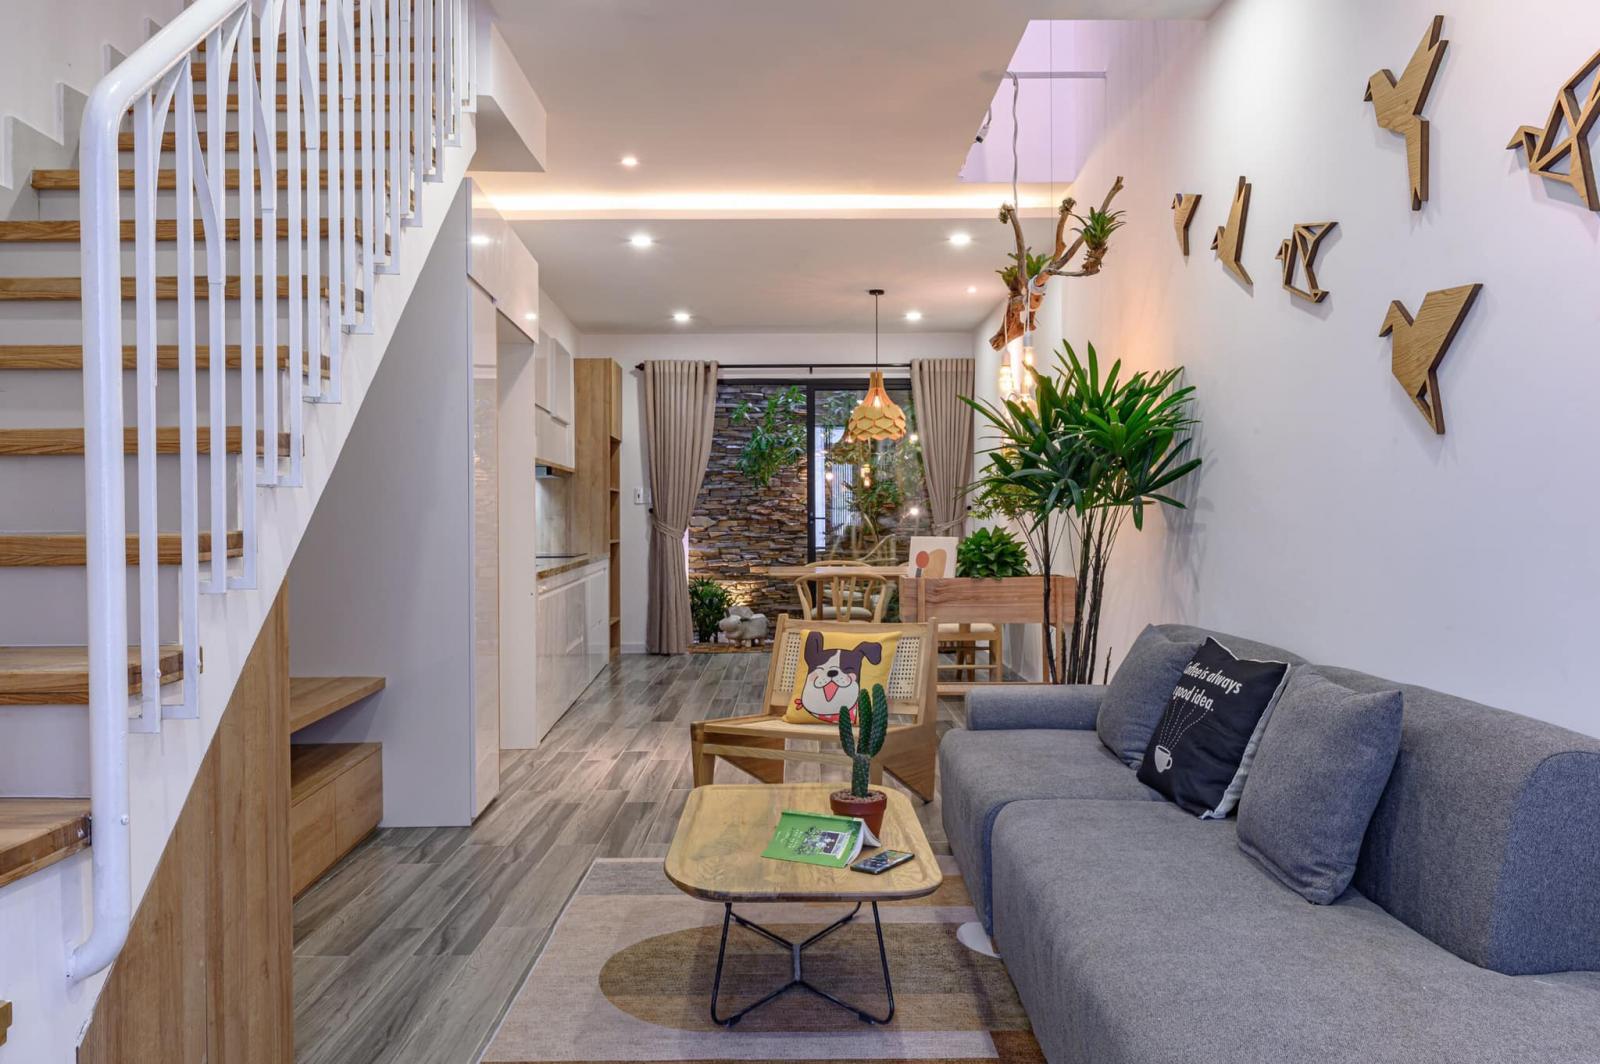 Một mẫu cầu thang nhà ống phù hợp với không gian nội thất hiện đại